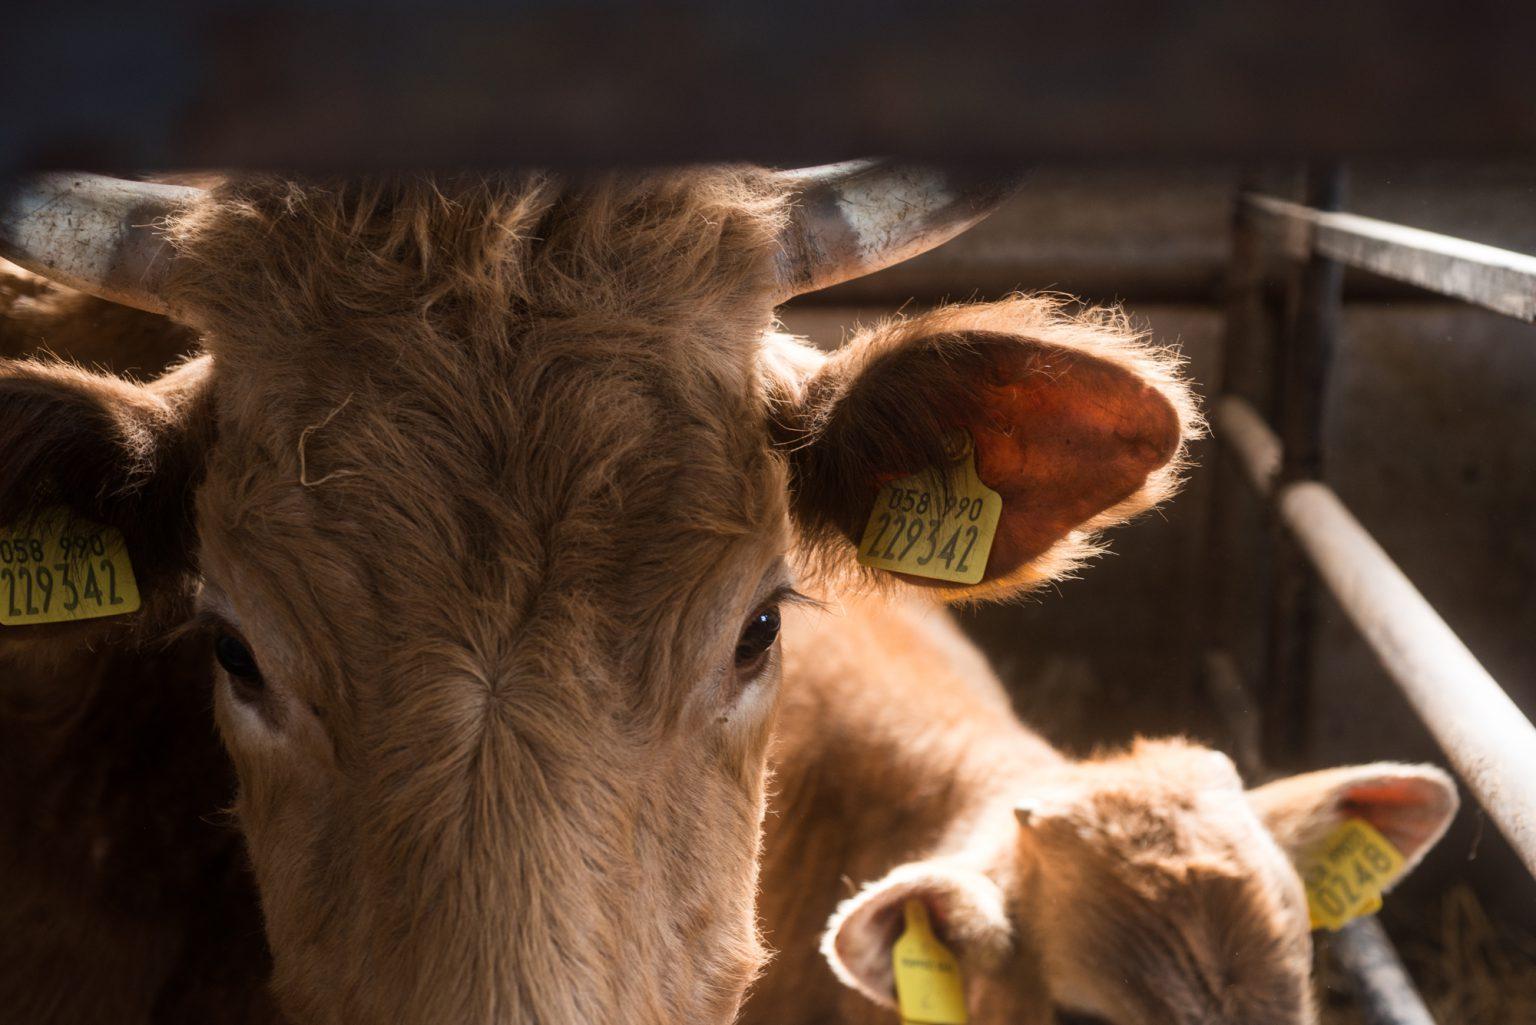 mucche, polli e porci-0043